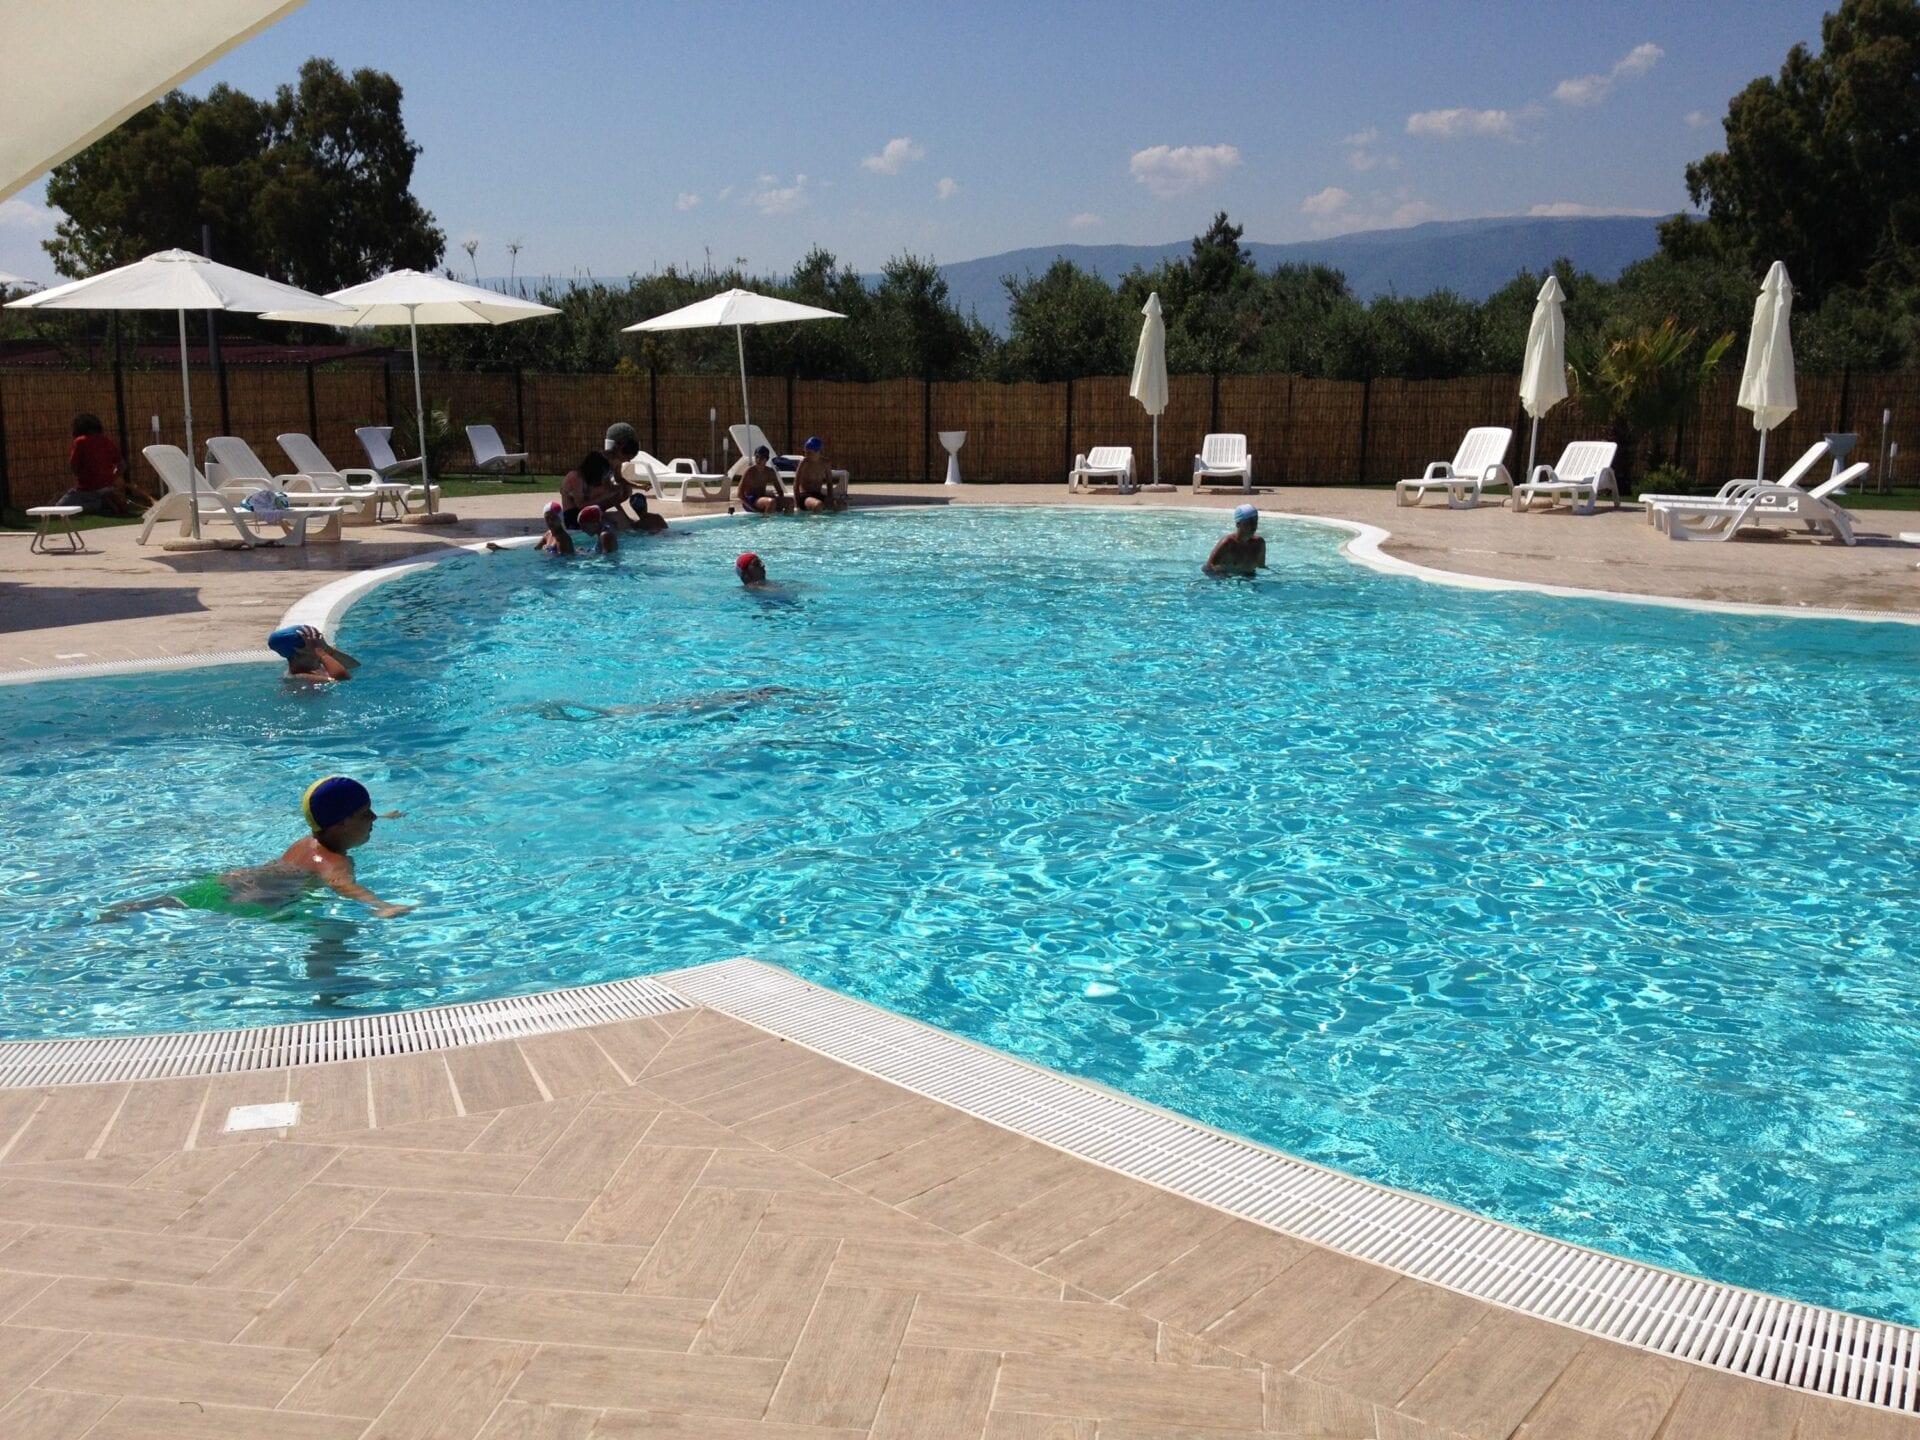 piscina villaggio turistico gargano puglia